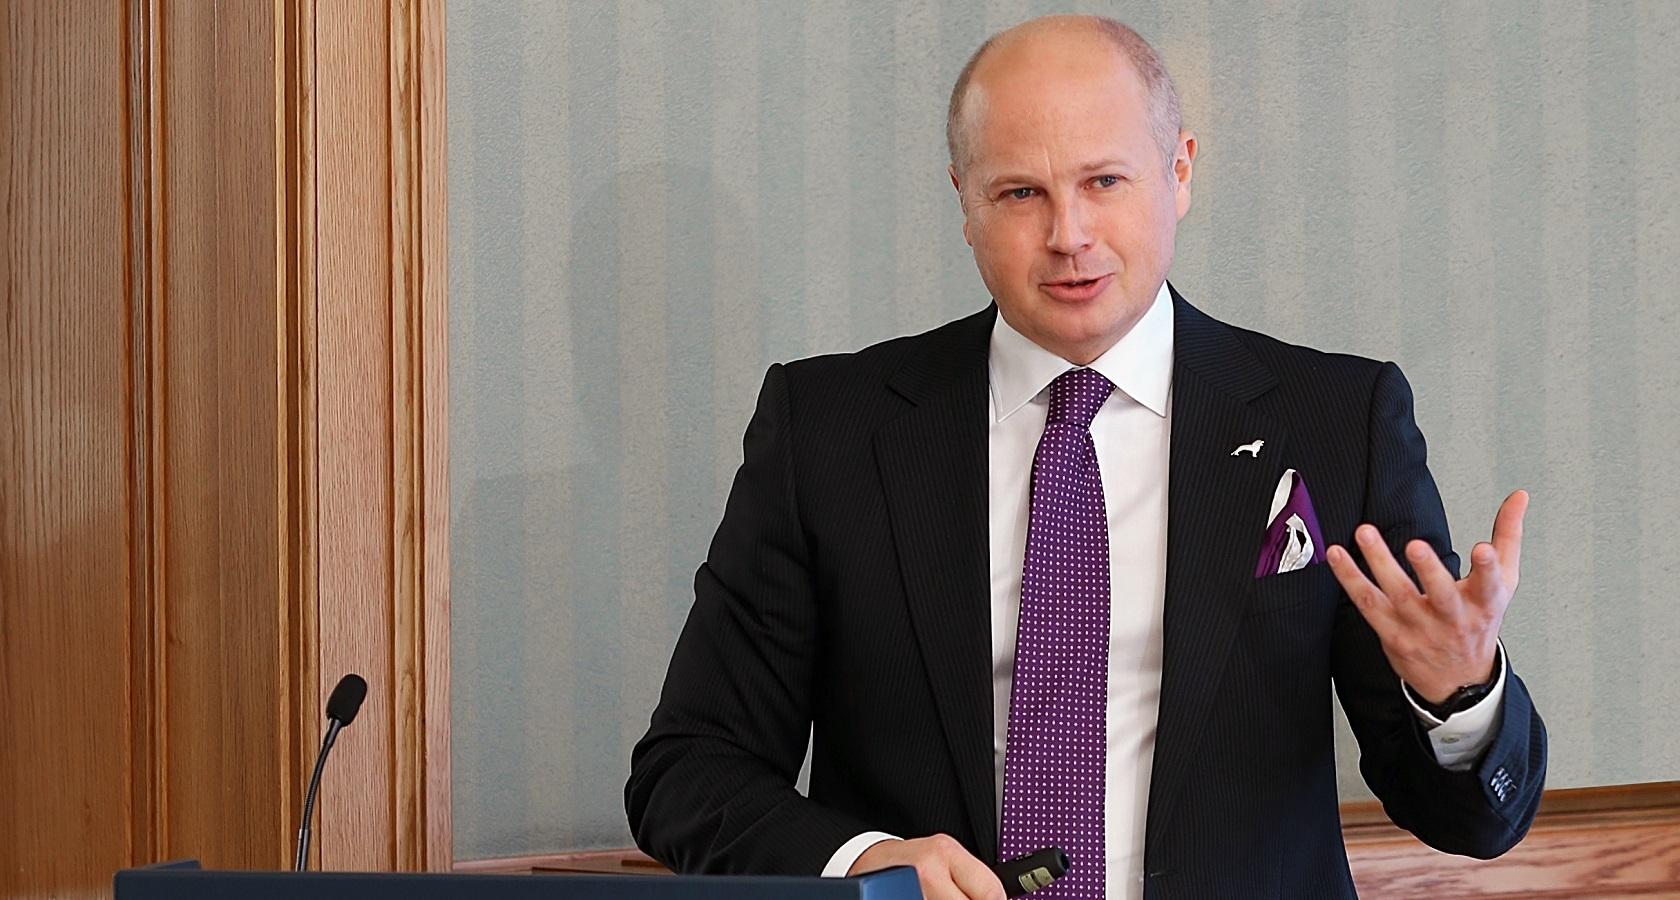 Глава российского офиса MAN Питер Андерссон четко видит дорогу к успеху своей компании на рынке новой грузовой техники (фото: «МАН Трак энд Бас Рус»)